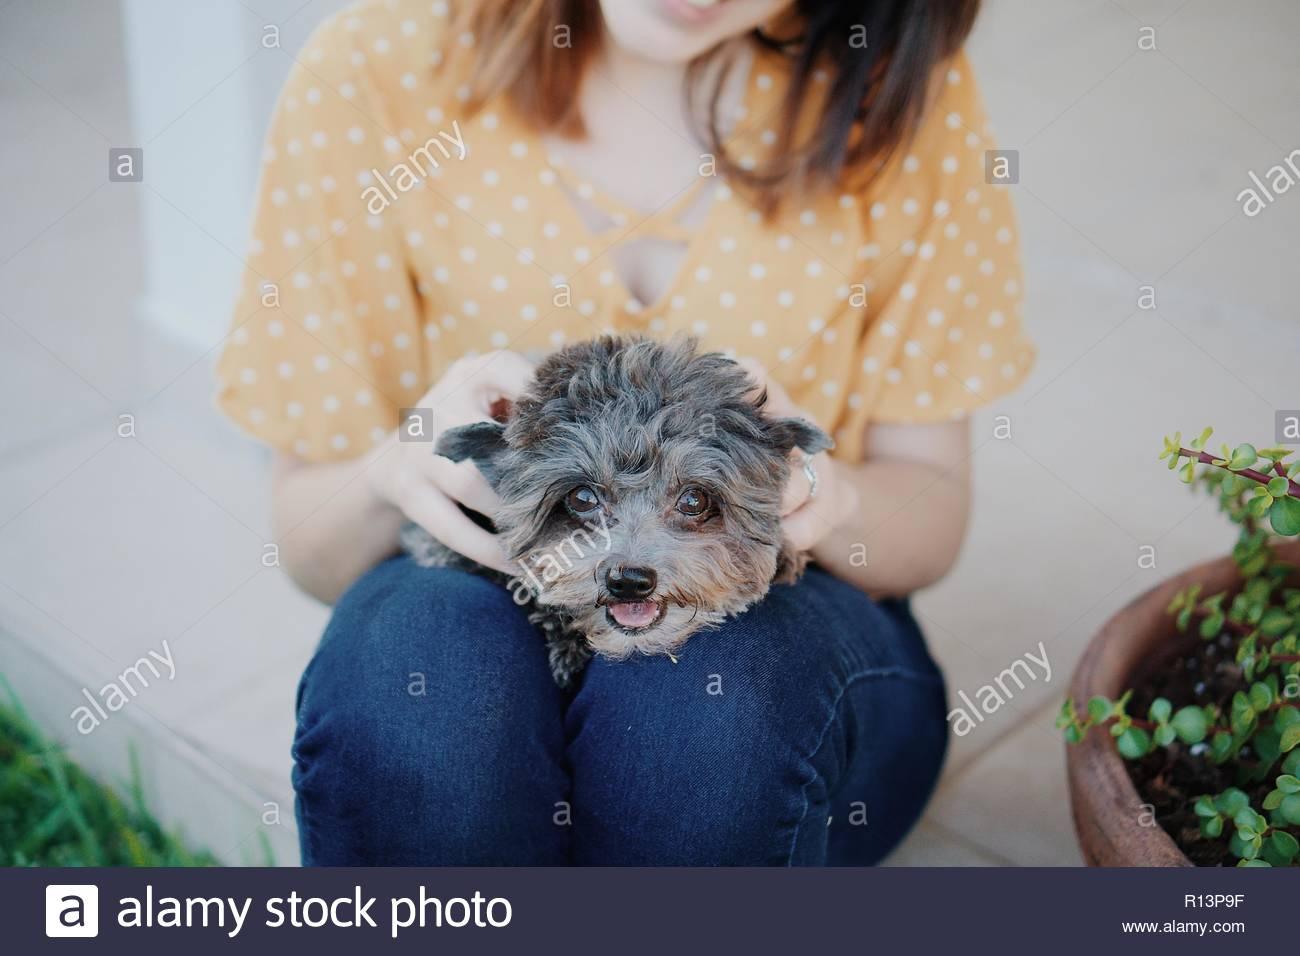 Mittelteil einer Frau sitzt mit ihrem Hund Stockbild